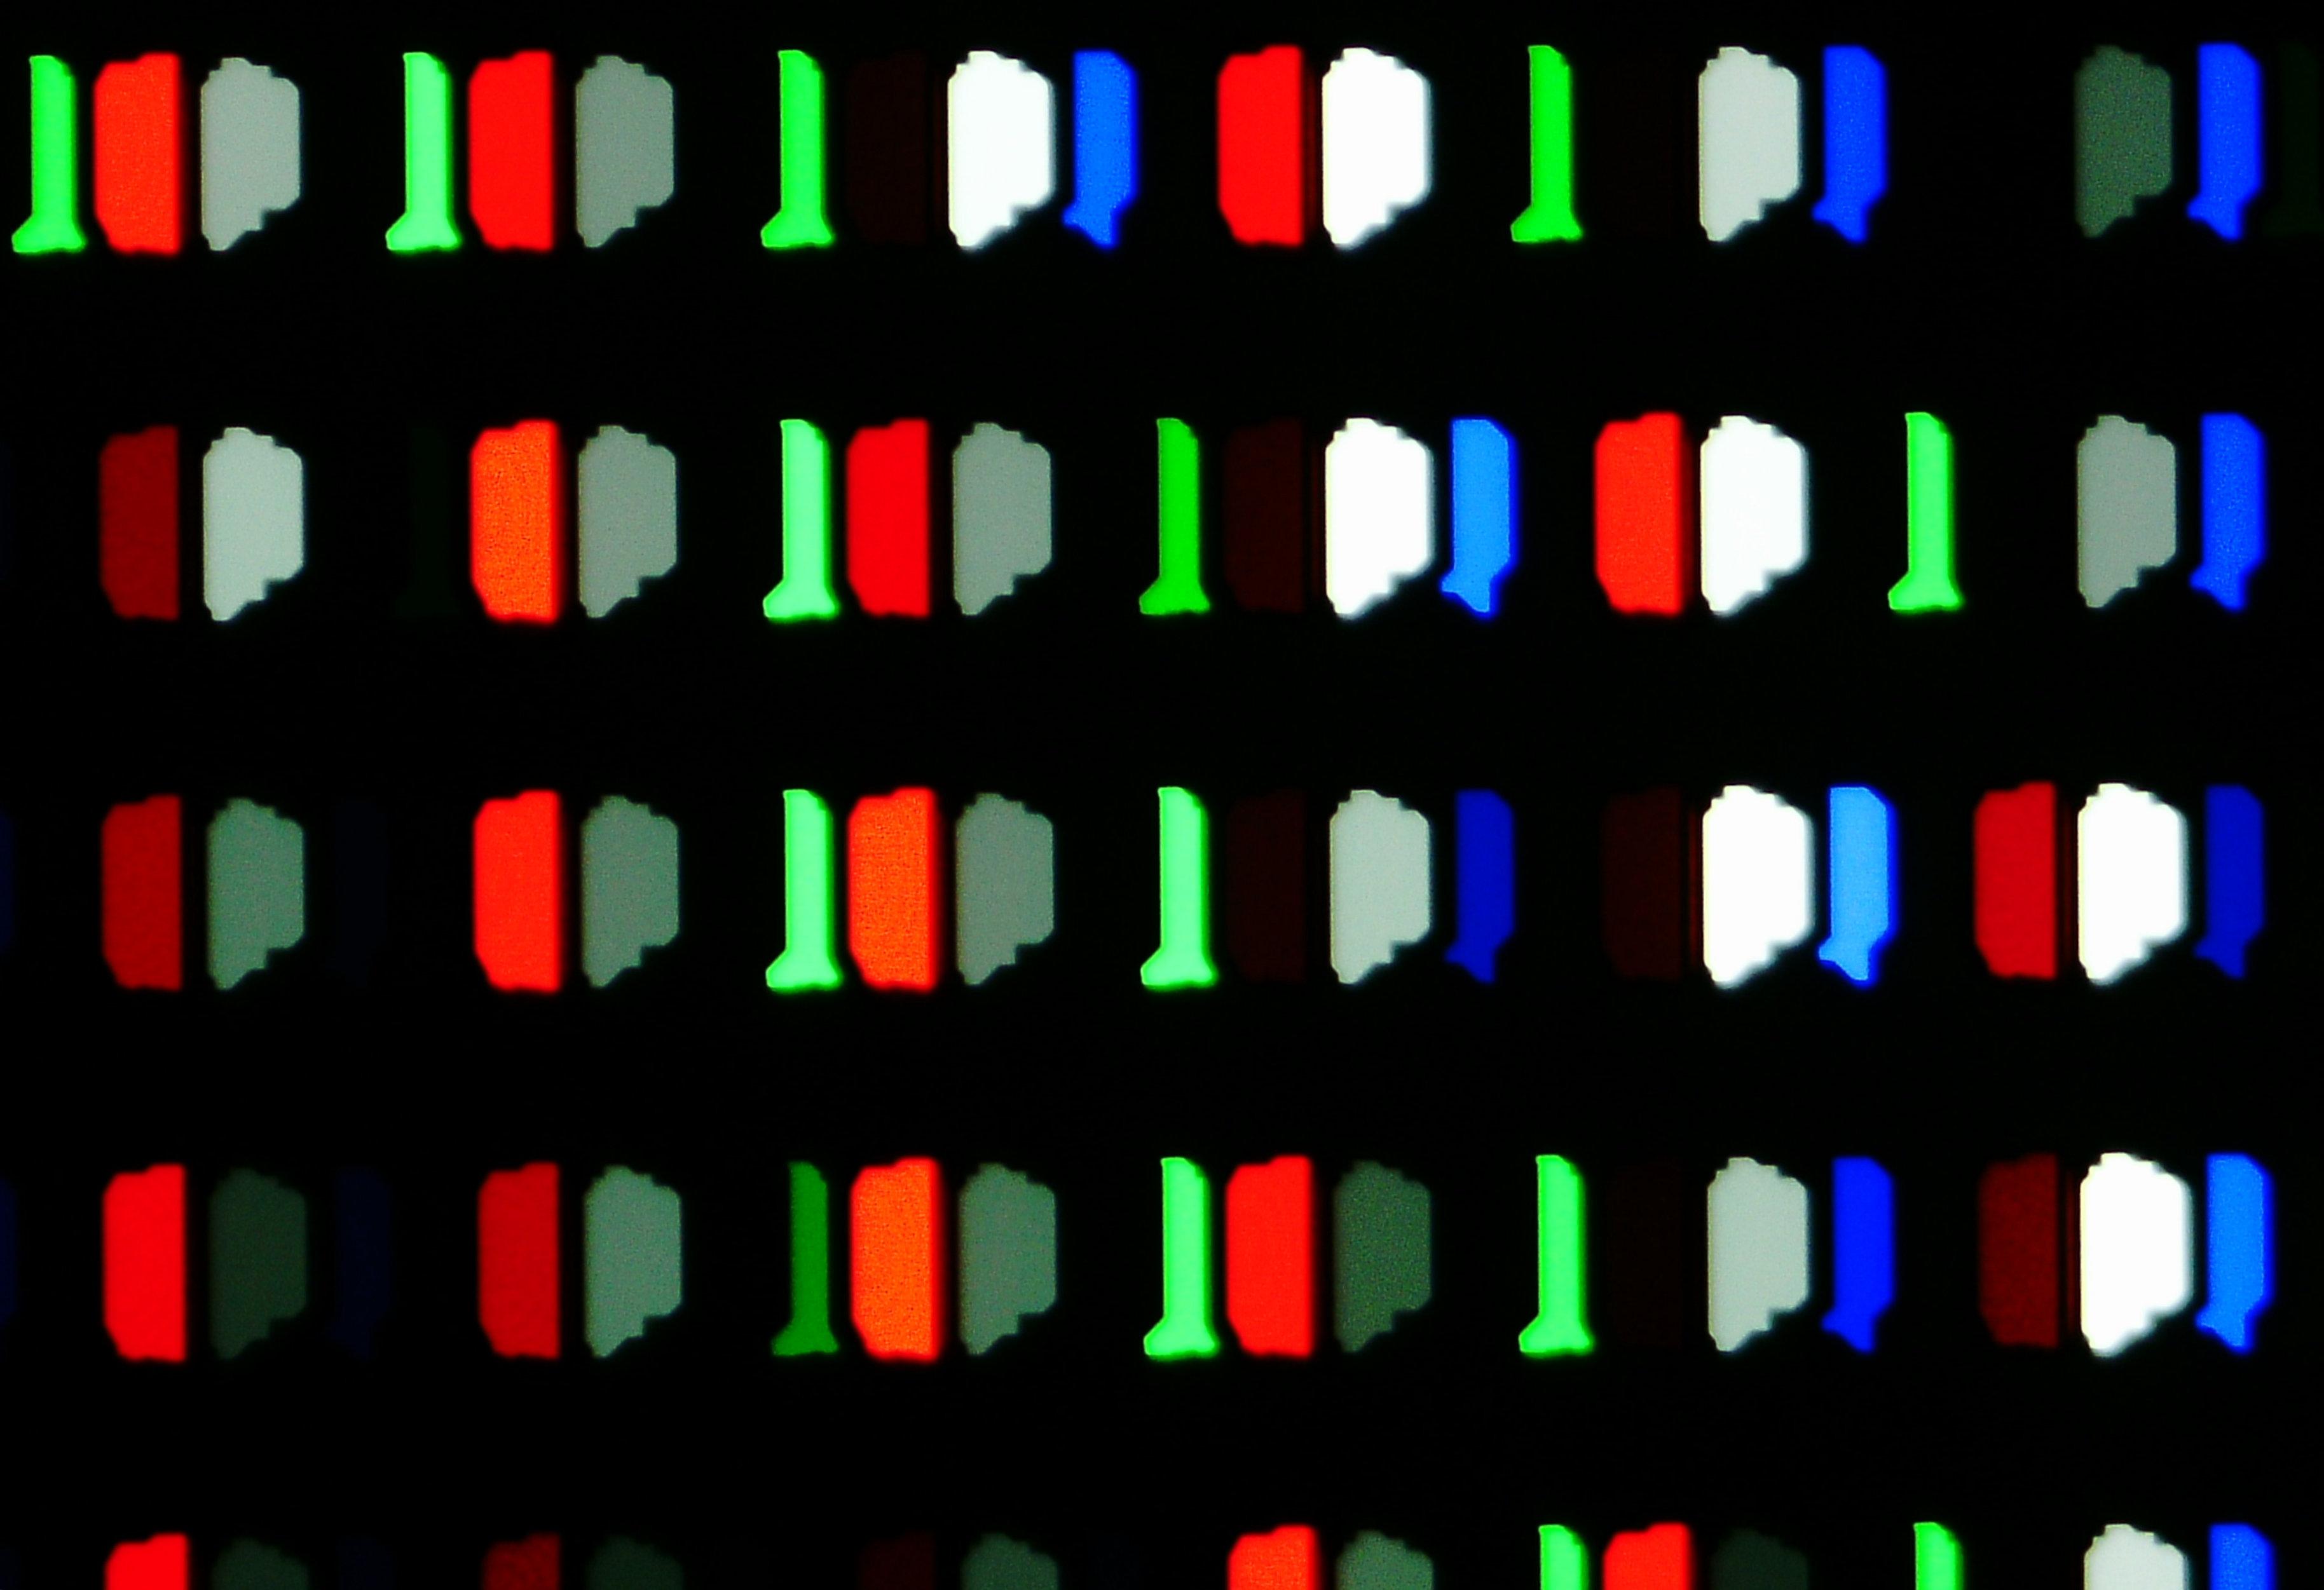 サブピクセルの光学300倍拡大顕微鏡写真